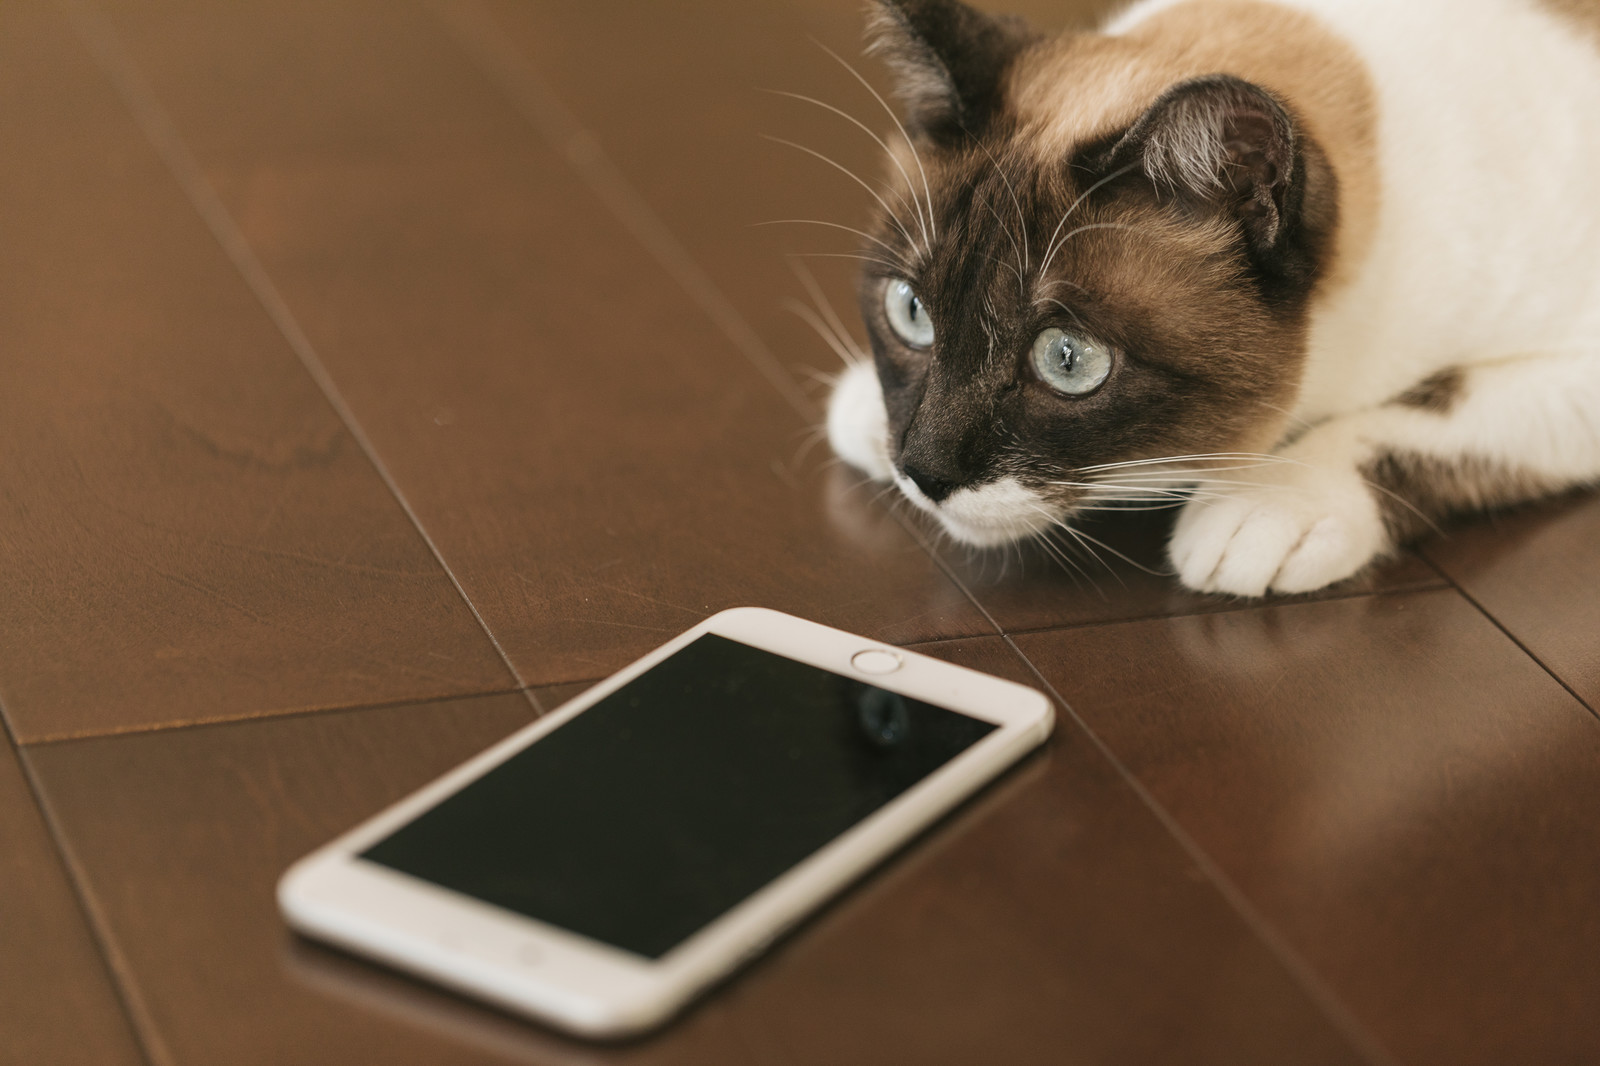 文鎮だった眠れる獅子ソフトバンクのiPhoneでも格安SIMが使えるようになるぞ